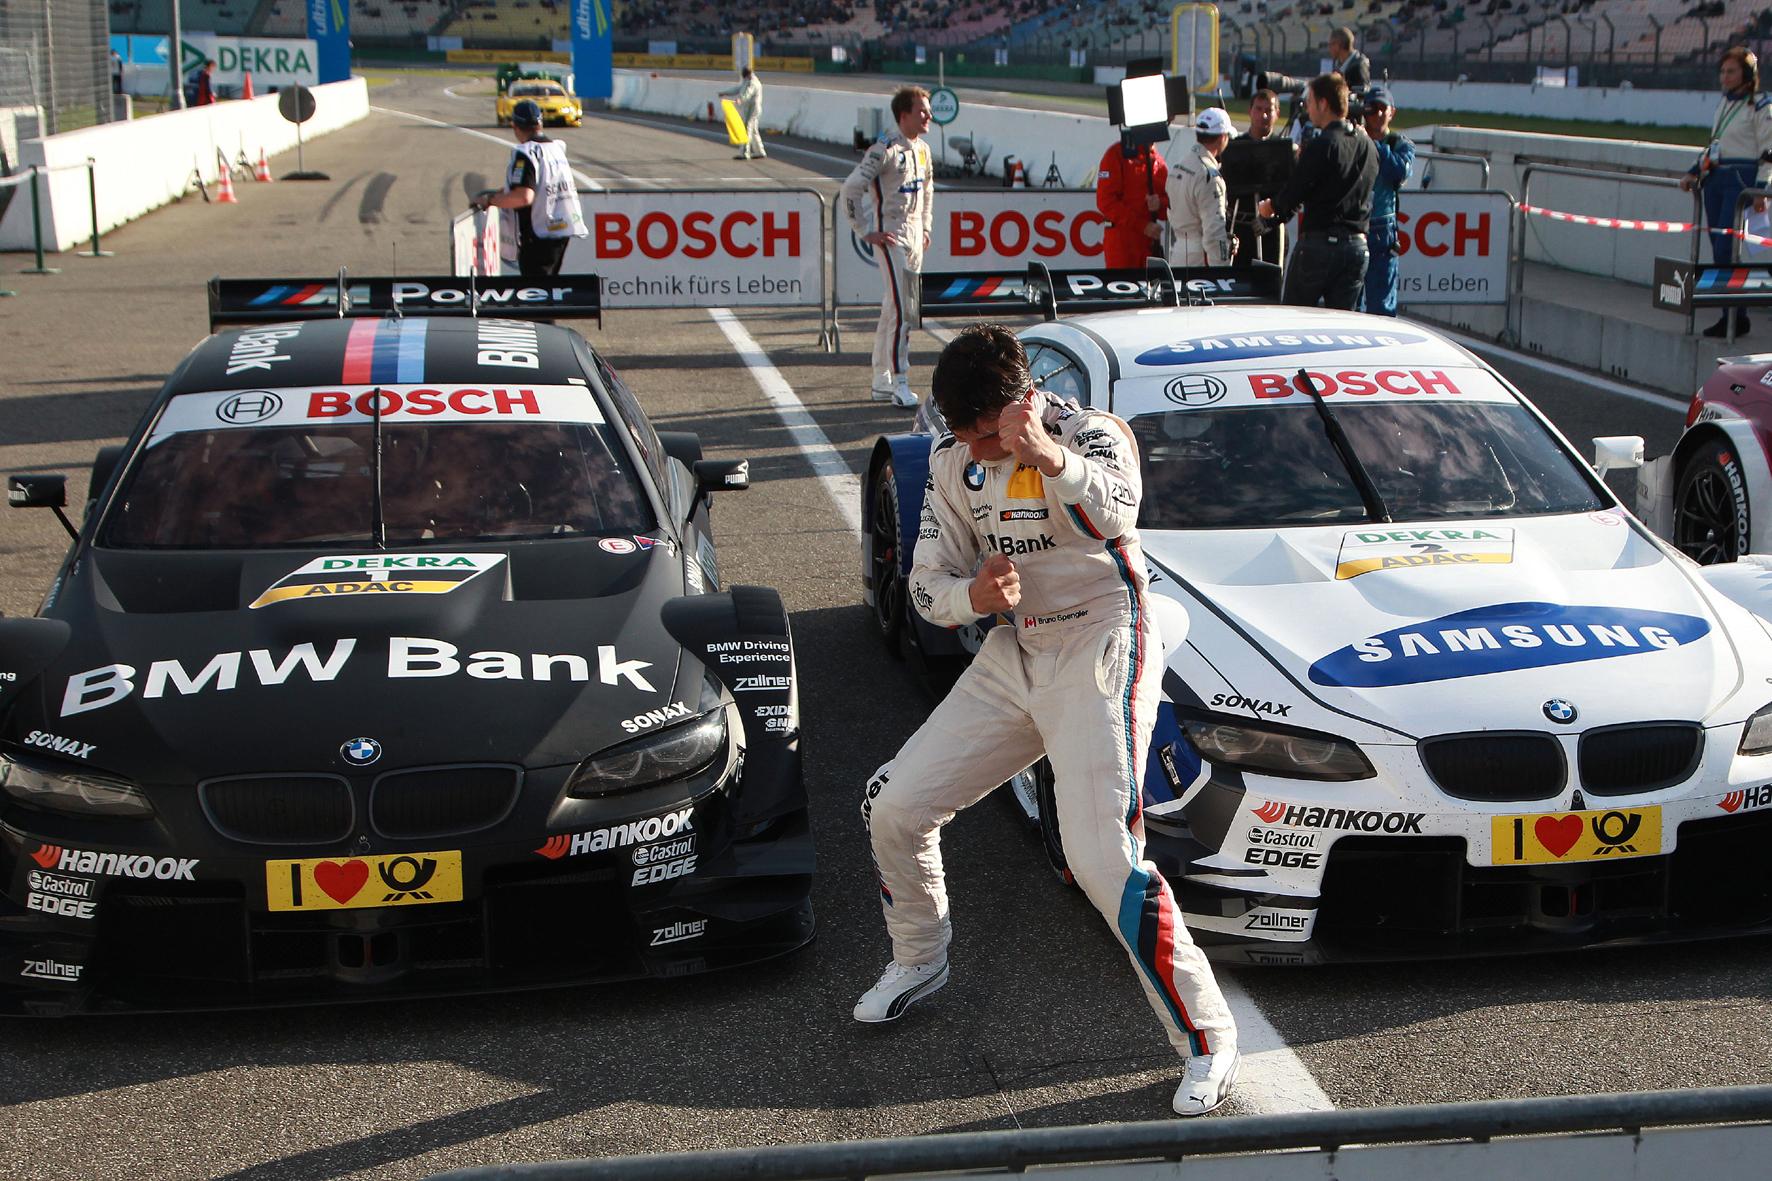 mid Düsseldorf - Bruno Spengler ist so etwas wie der Rockstar im Fahrer-Team von BMW. Mit dieser Luftgitarren-Einlage feierte der Kanadier die Pole Position beim DTM Rennen in Hockenheim.